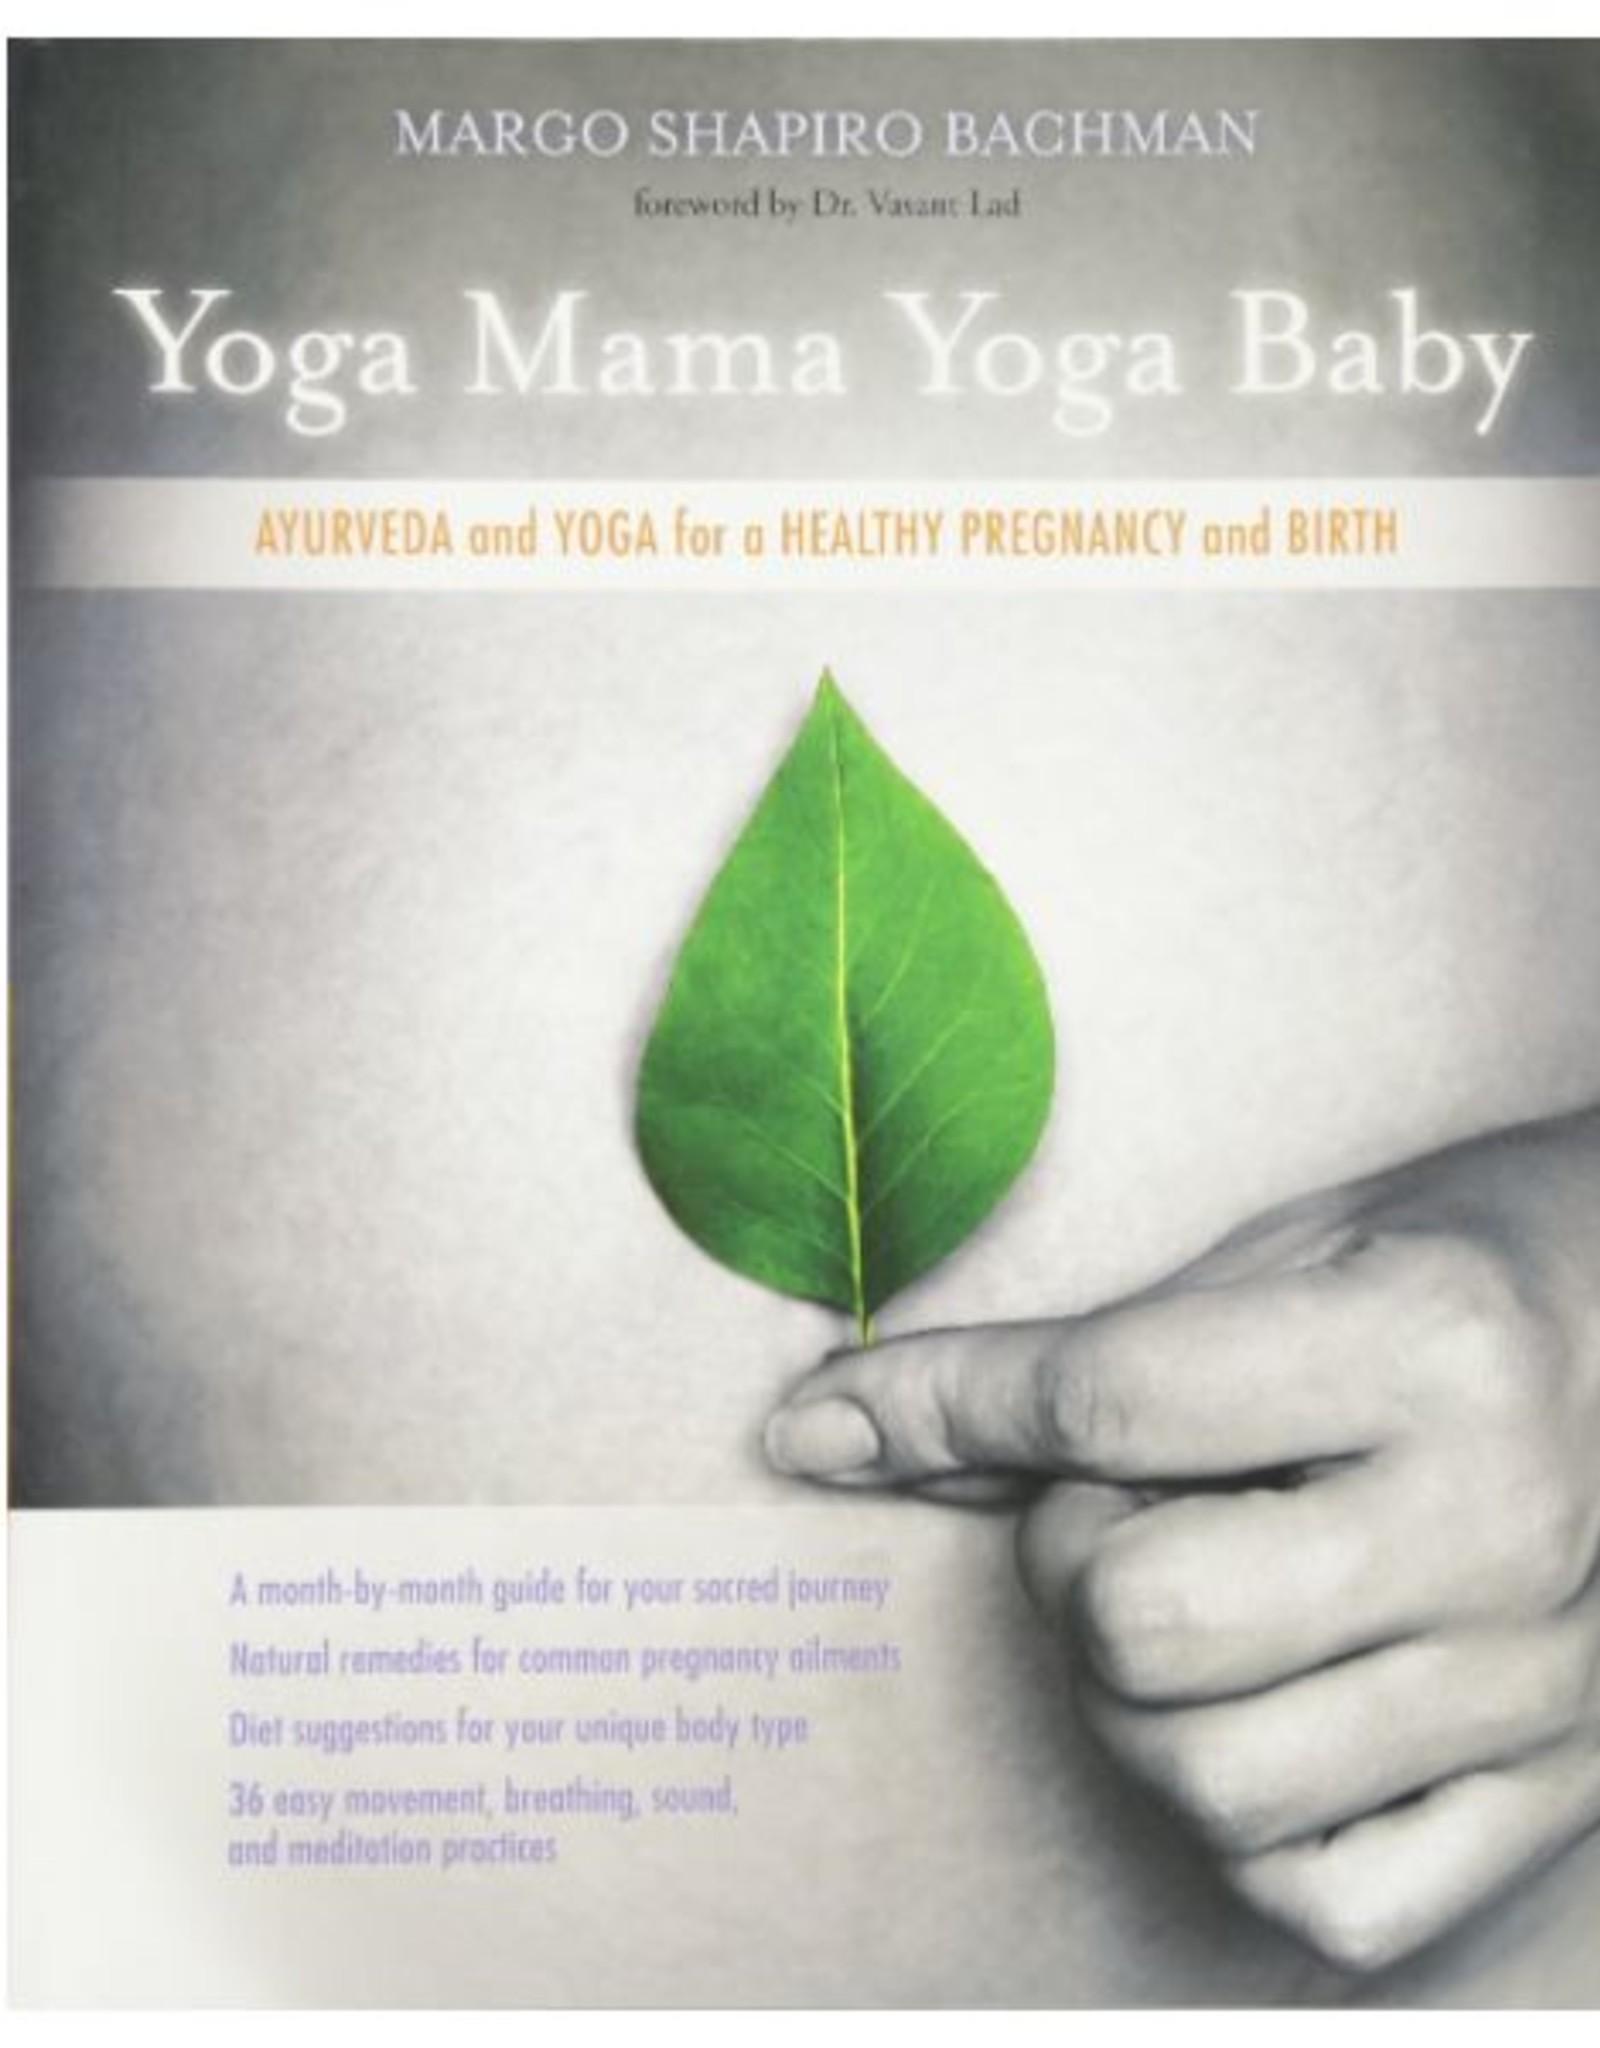 Yoga Mama, Yoga Baby: Ayurveda and Yoga for a Healthy Pregnancy and Birth: Bachman